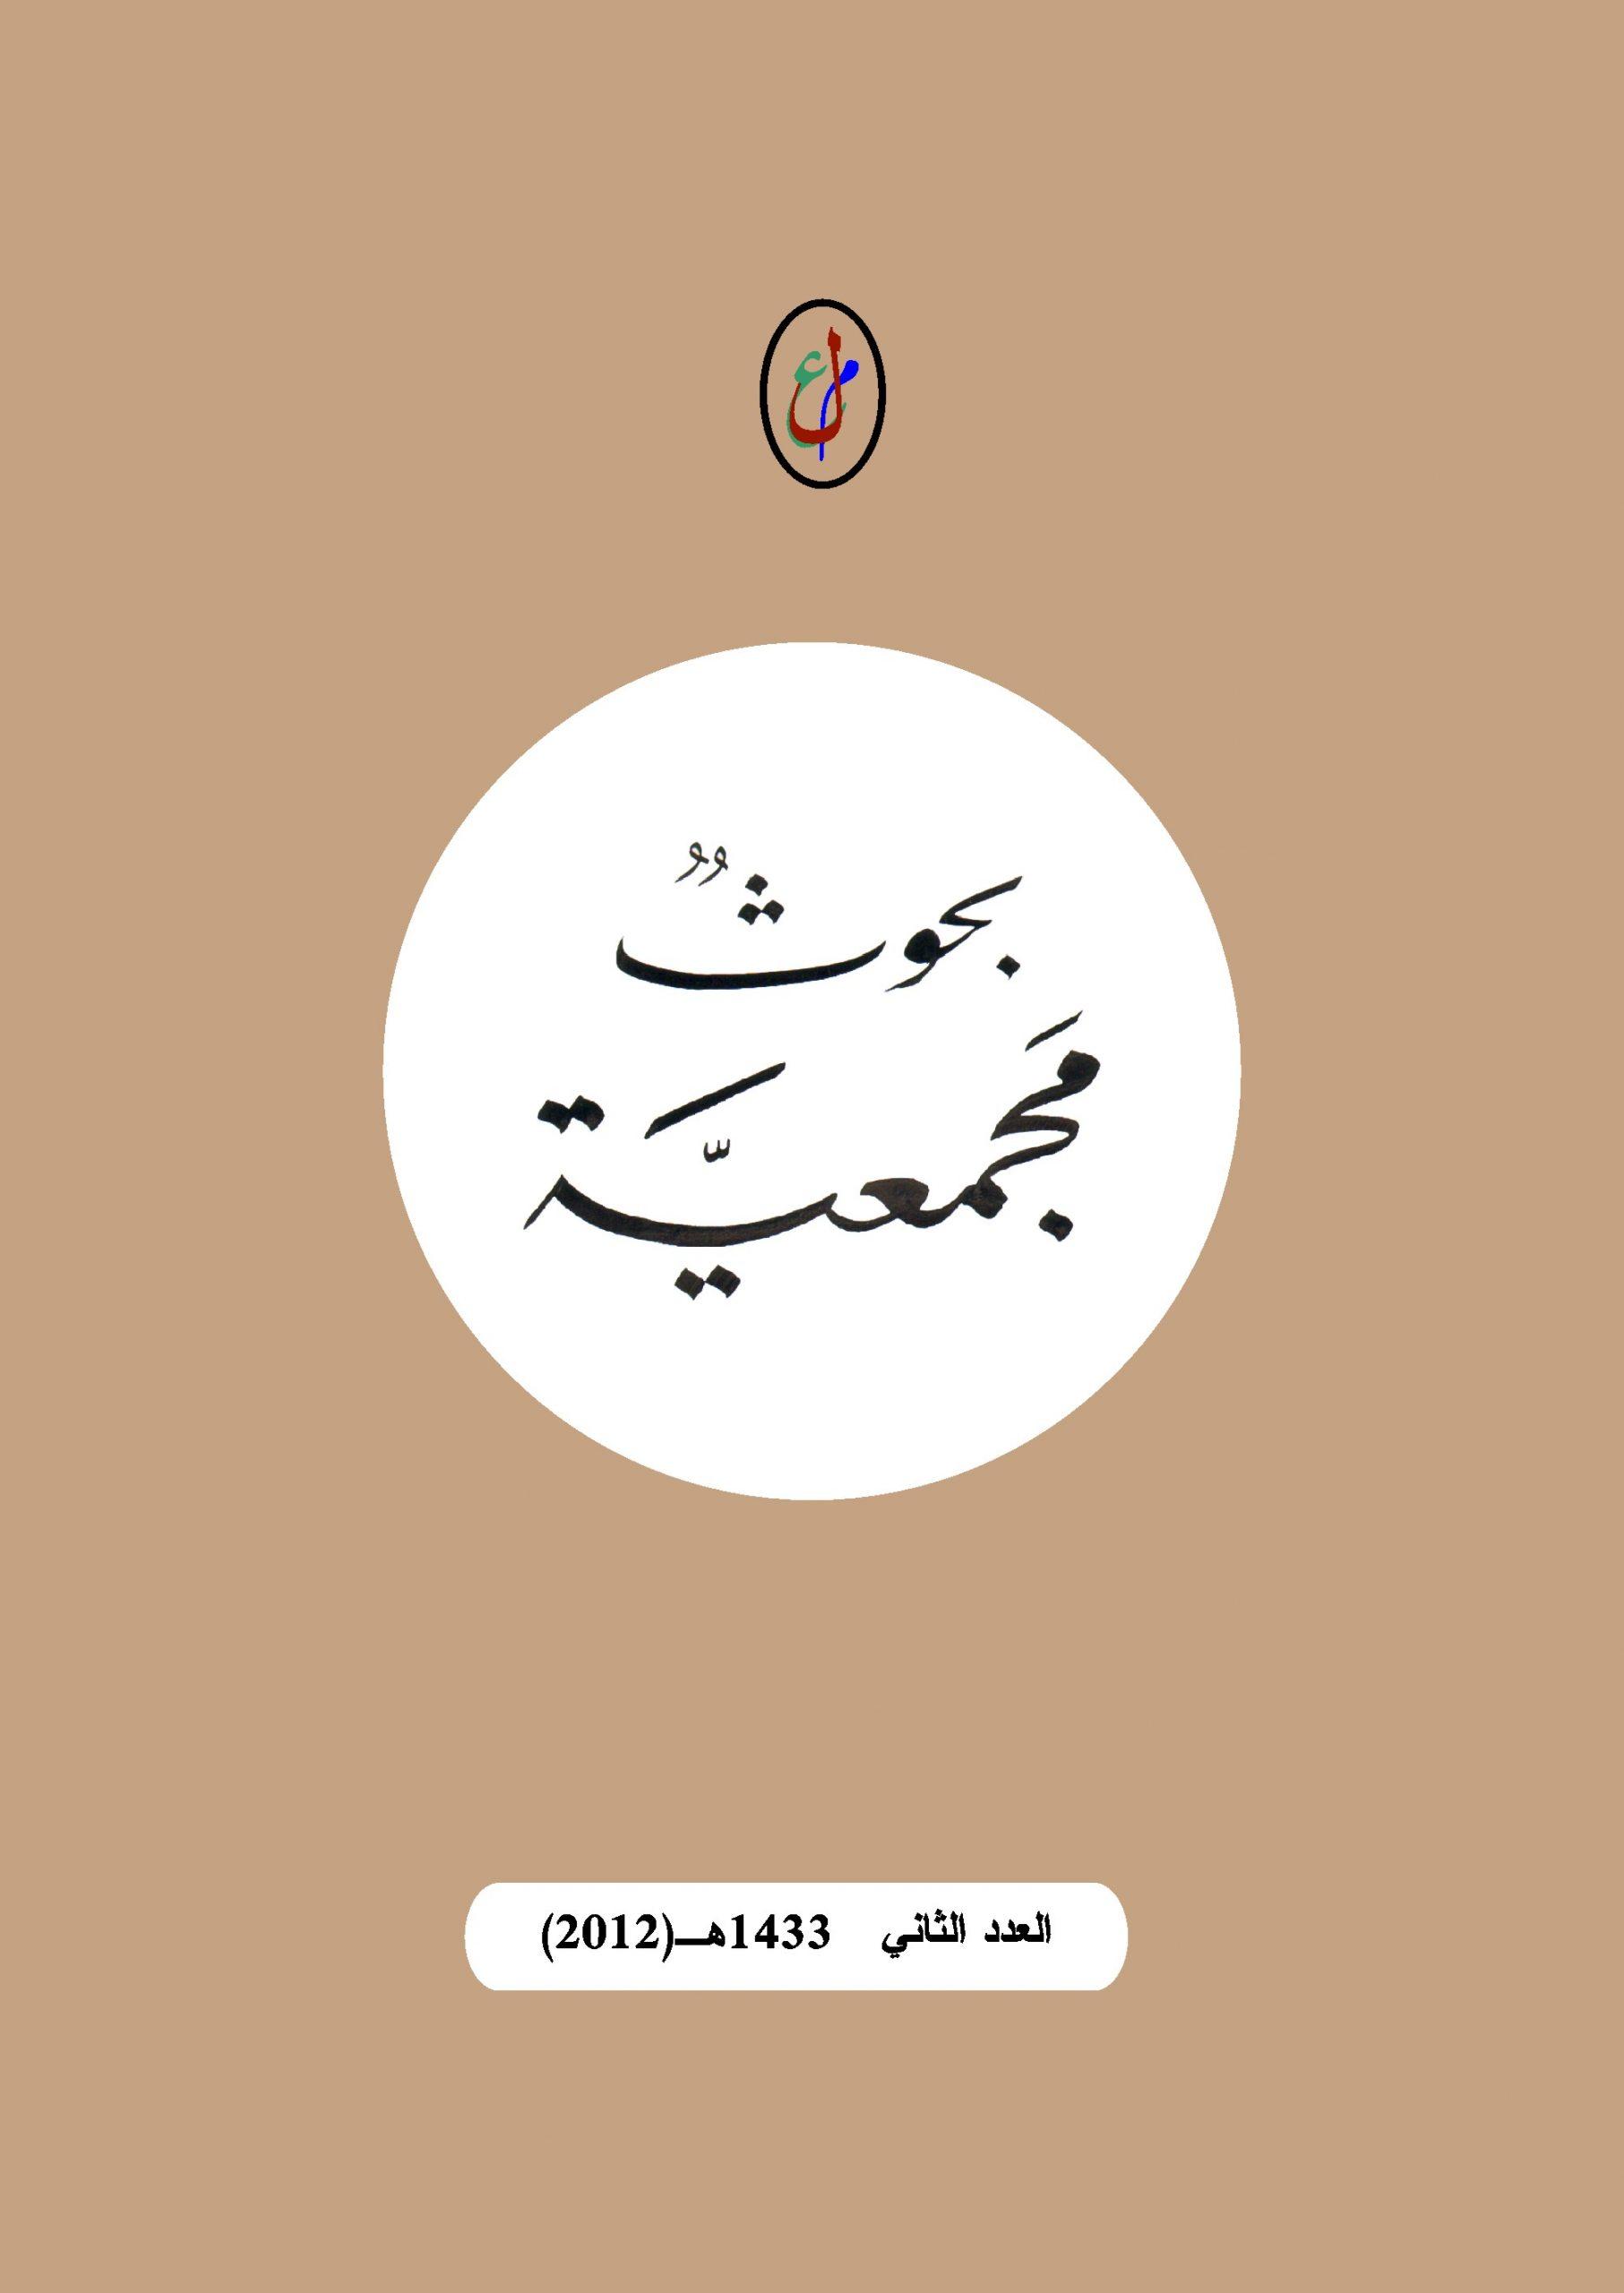 مجمع اللغة العربية الليبي / طرابلس - العدد الثاني  1433هـ  (2012)